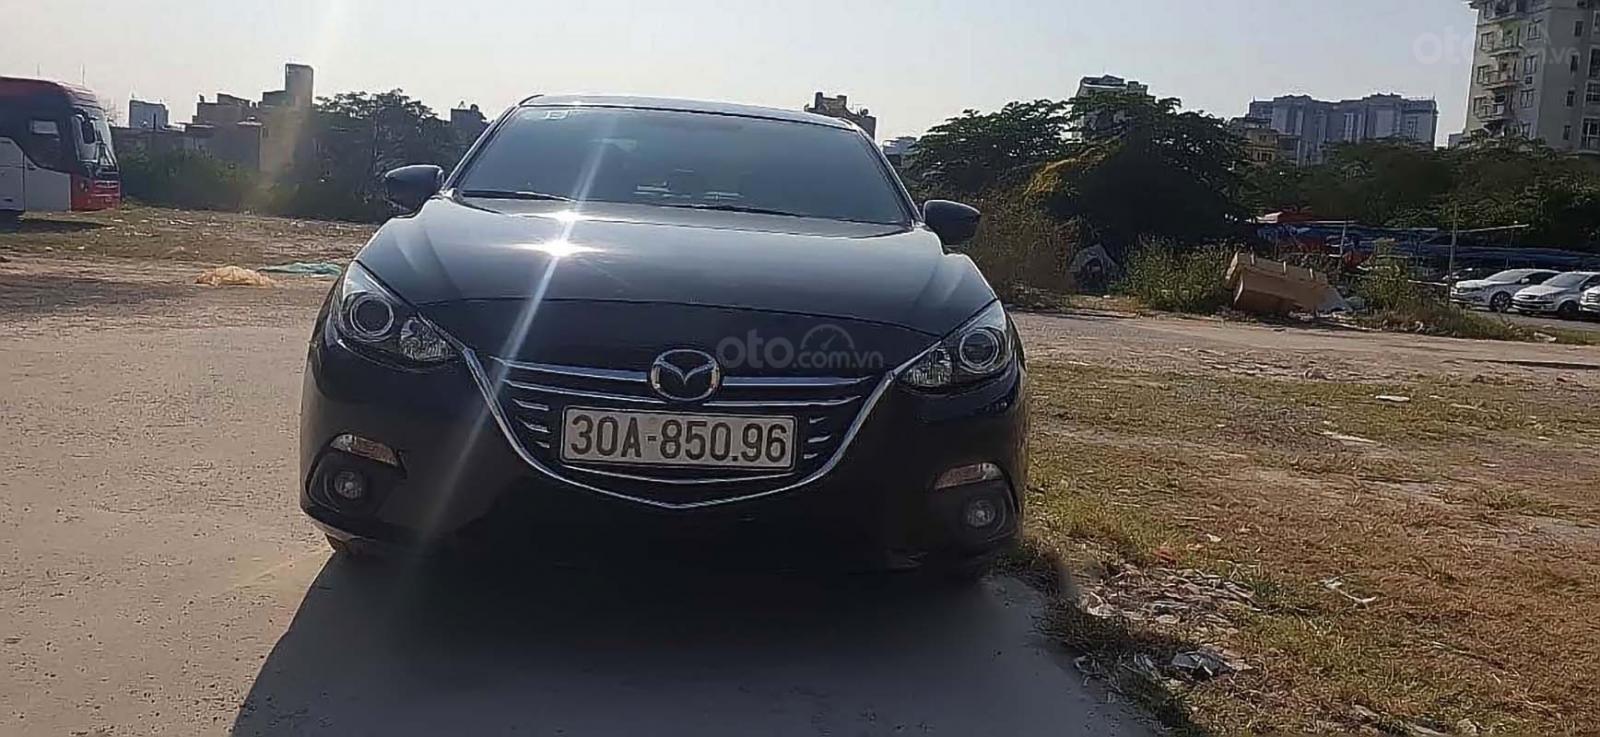 Bán xe Mazda 3 AT sản xuất năm 2015, màu đen, 545 triệu (2)